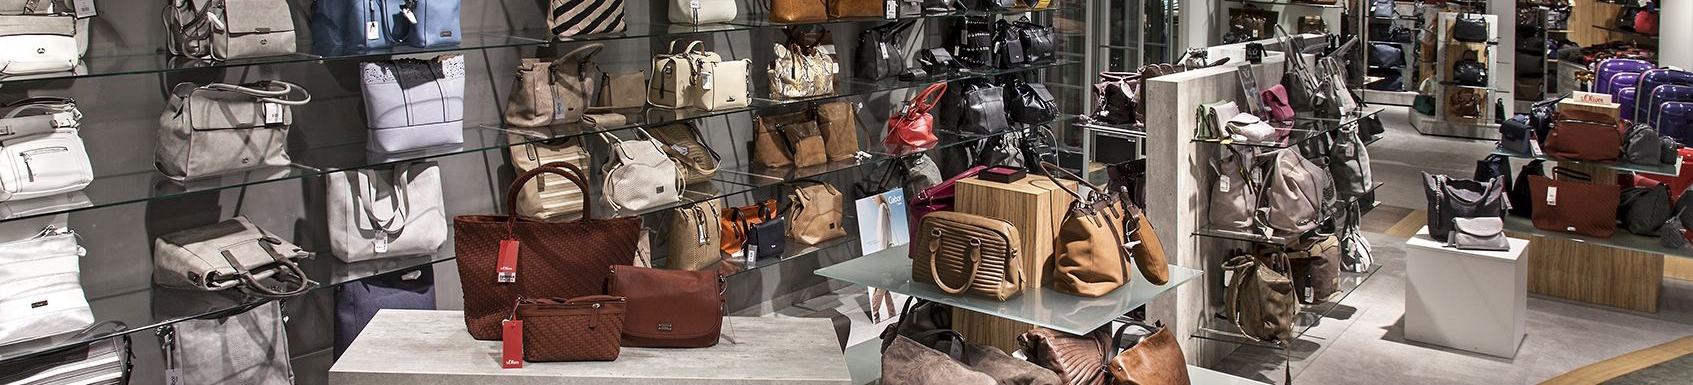 Lederwaren/ Taschen